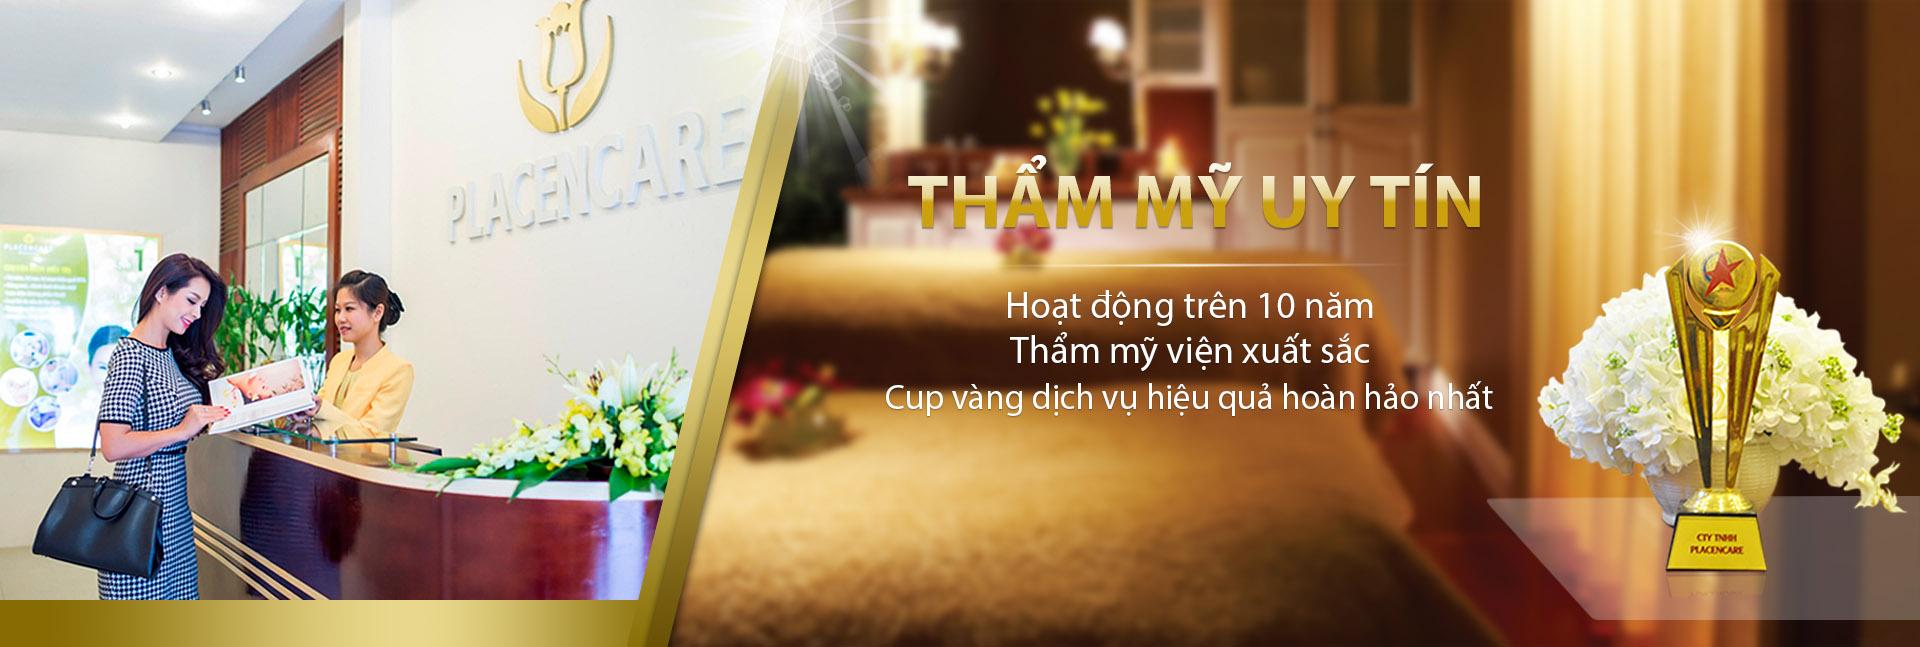 tham-my-vung-kin-3